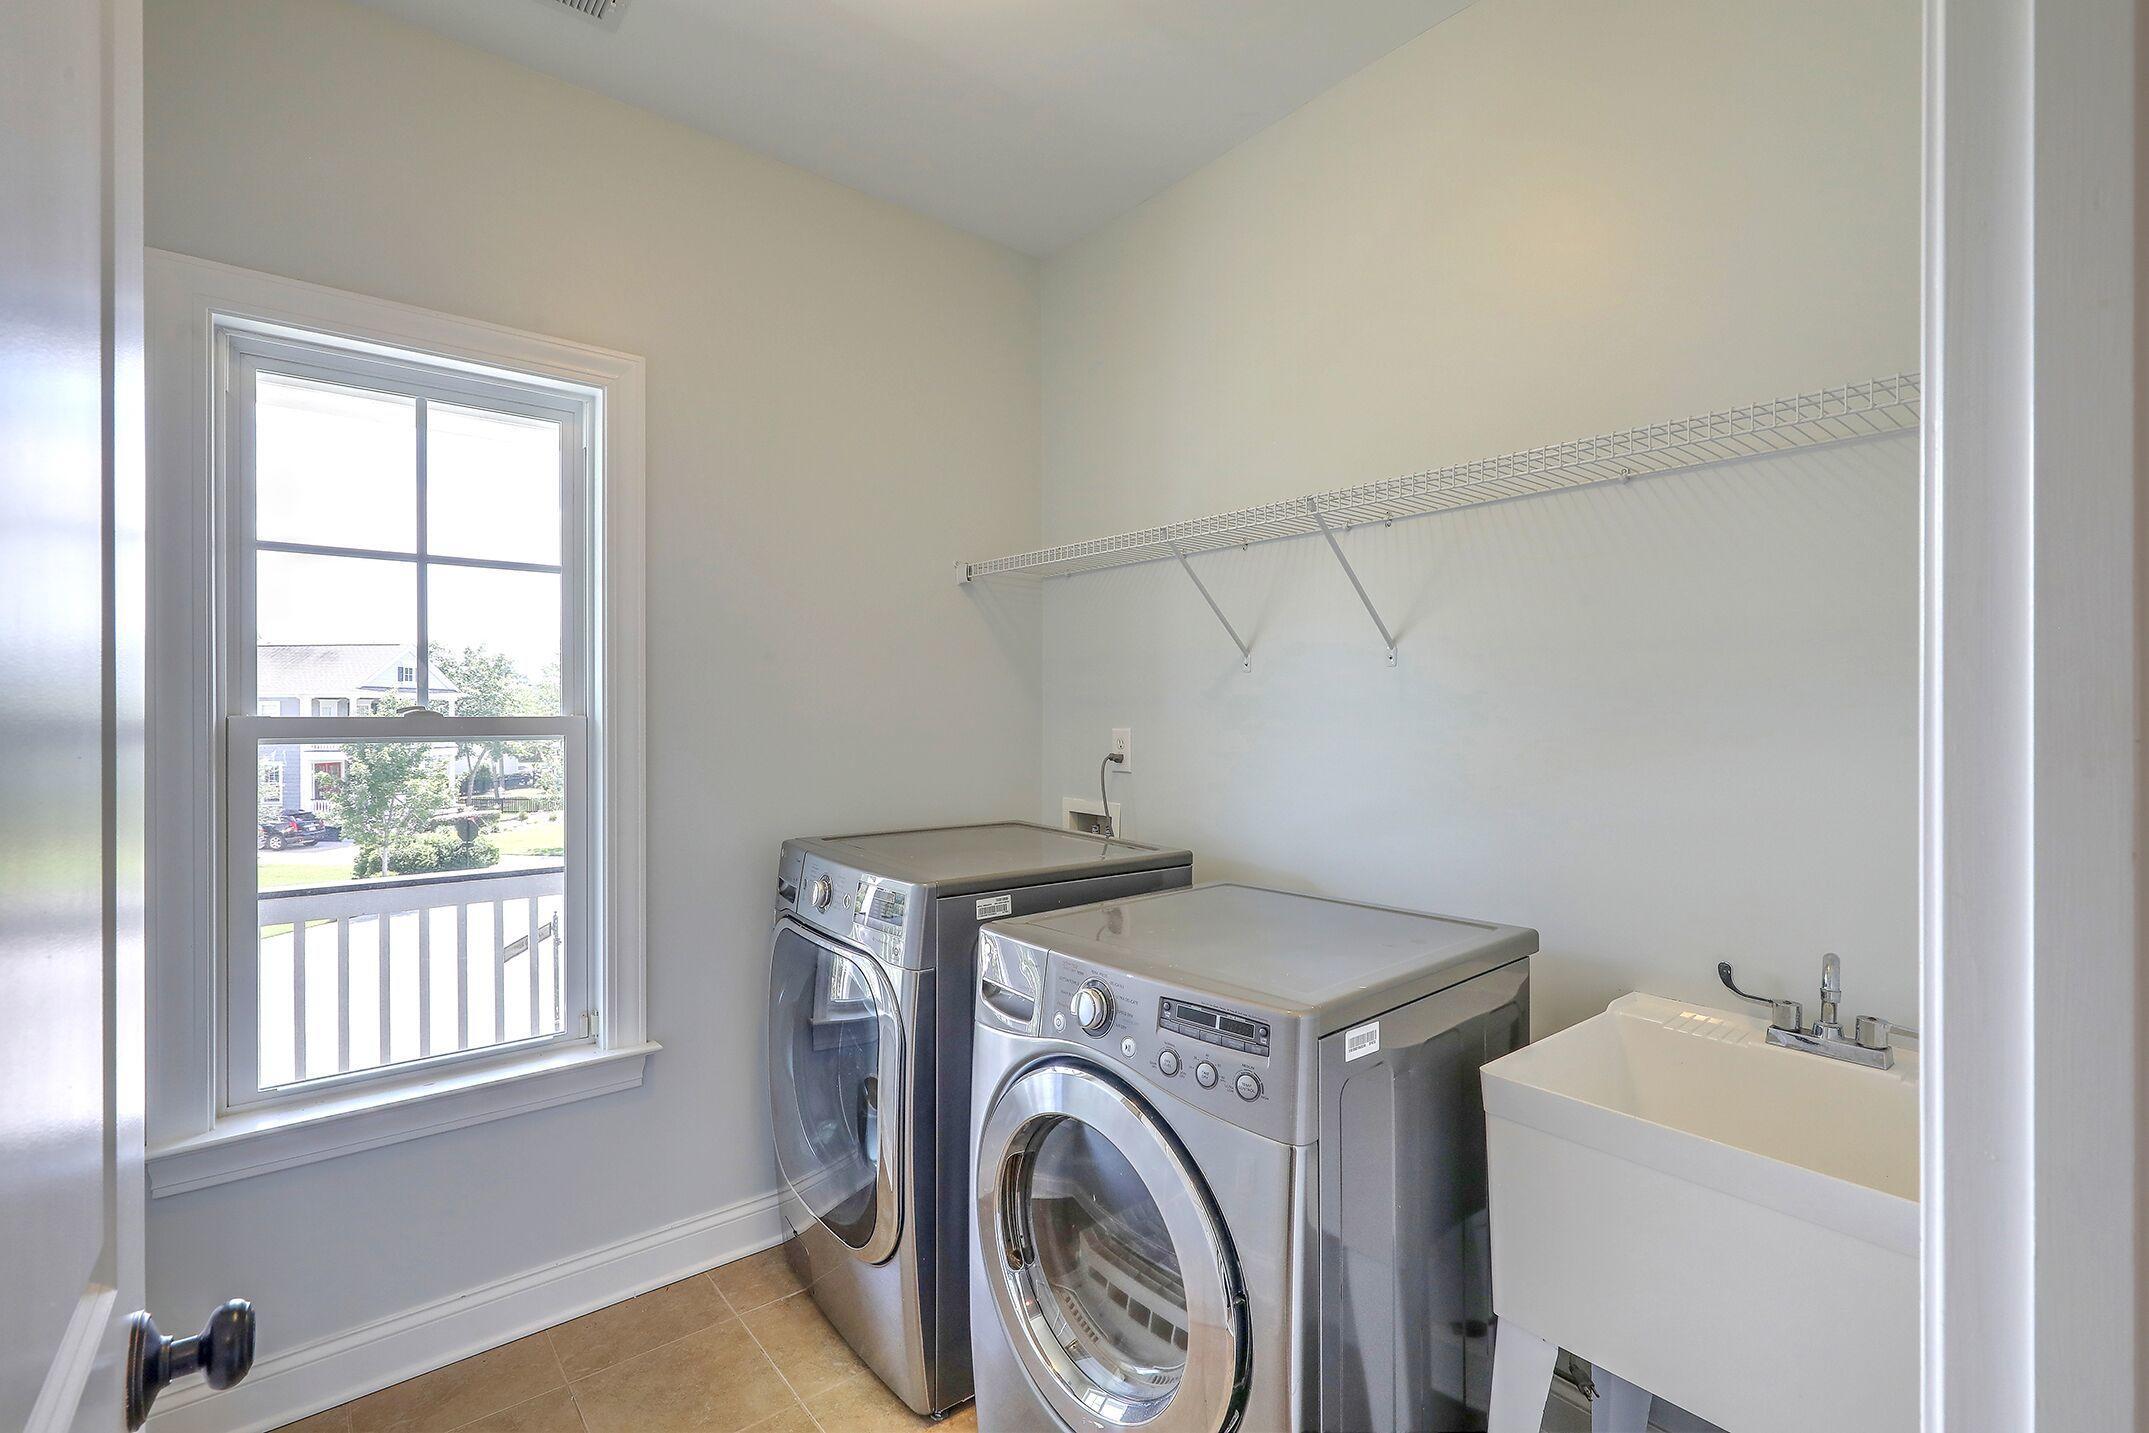 Dunes West Homes For Sale - 2970 Sturbridge, Mount Pleasant, SC - 50